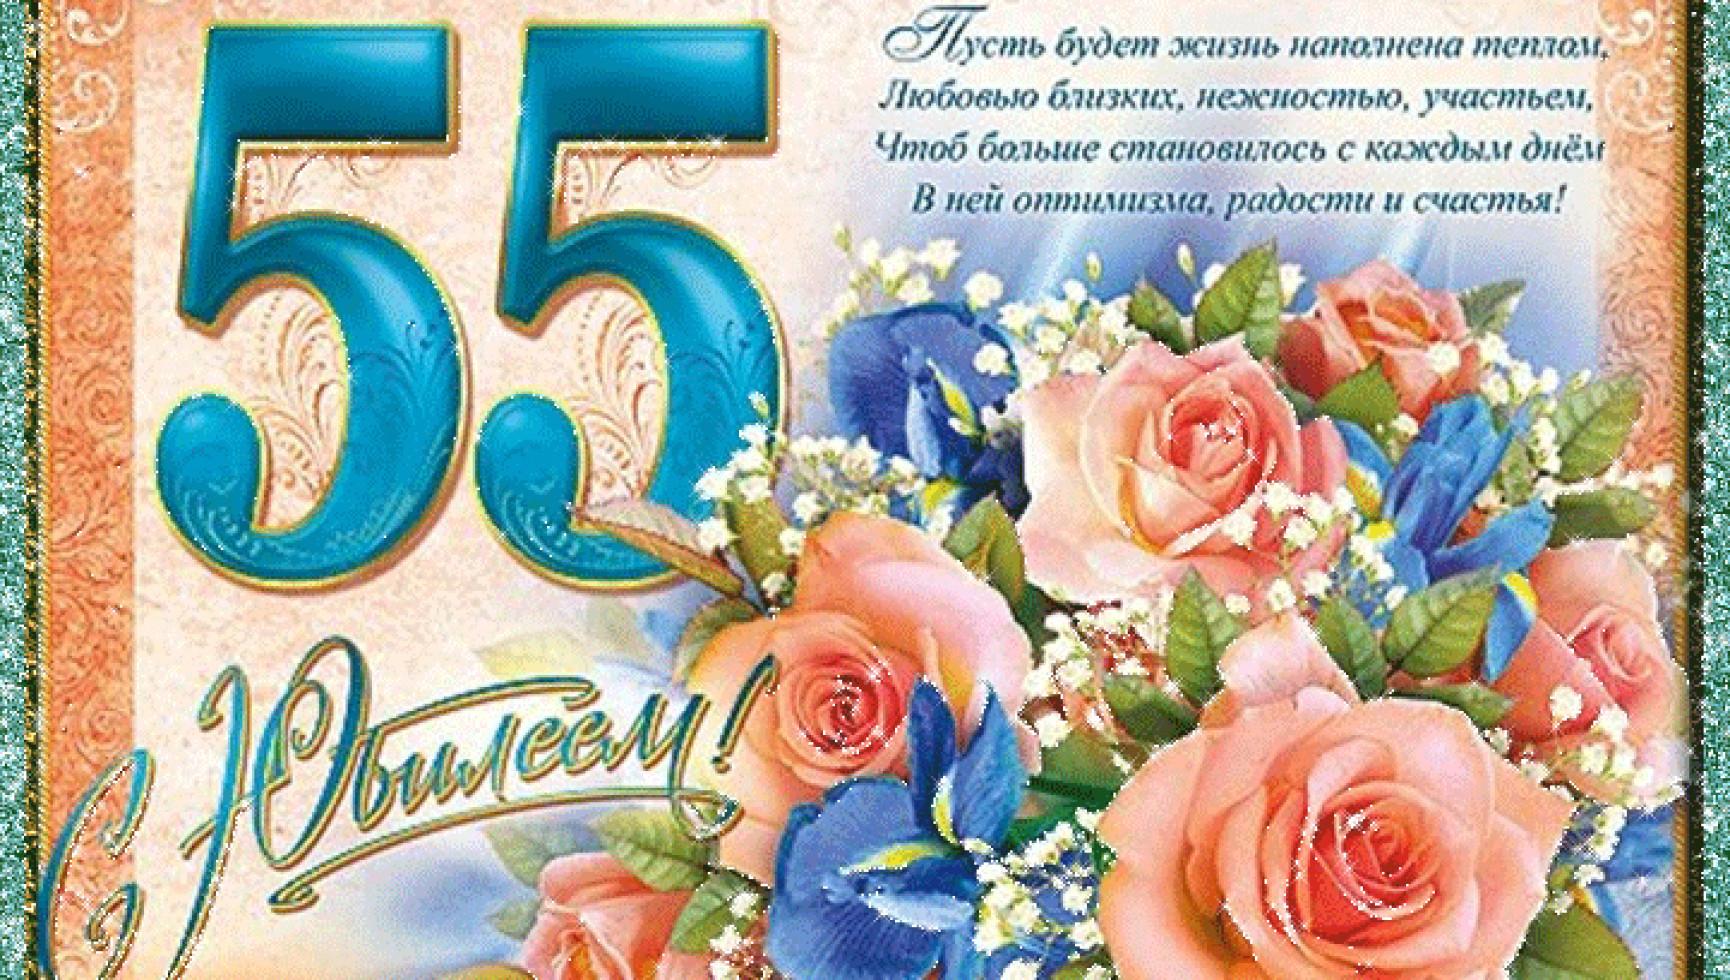 Поздравление с днём рождения женщине 55 лет короткие